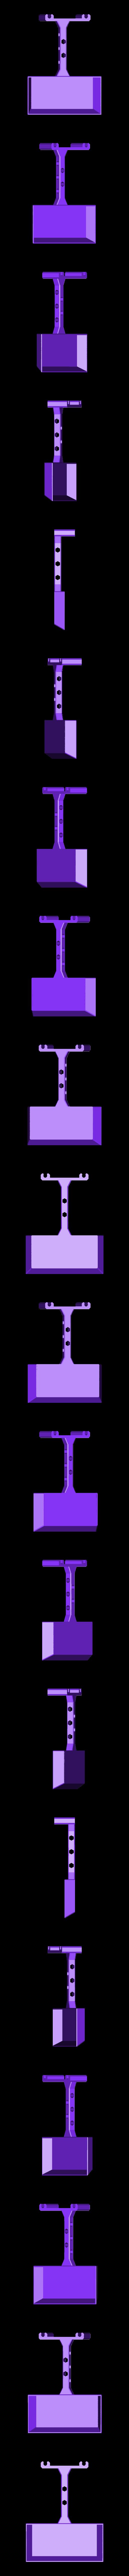 soap_plate_no_logo.stl Télécharger fichier STL gratuit Plateau distributeur de savon • Modèle imprimable en 3D, marigu